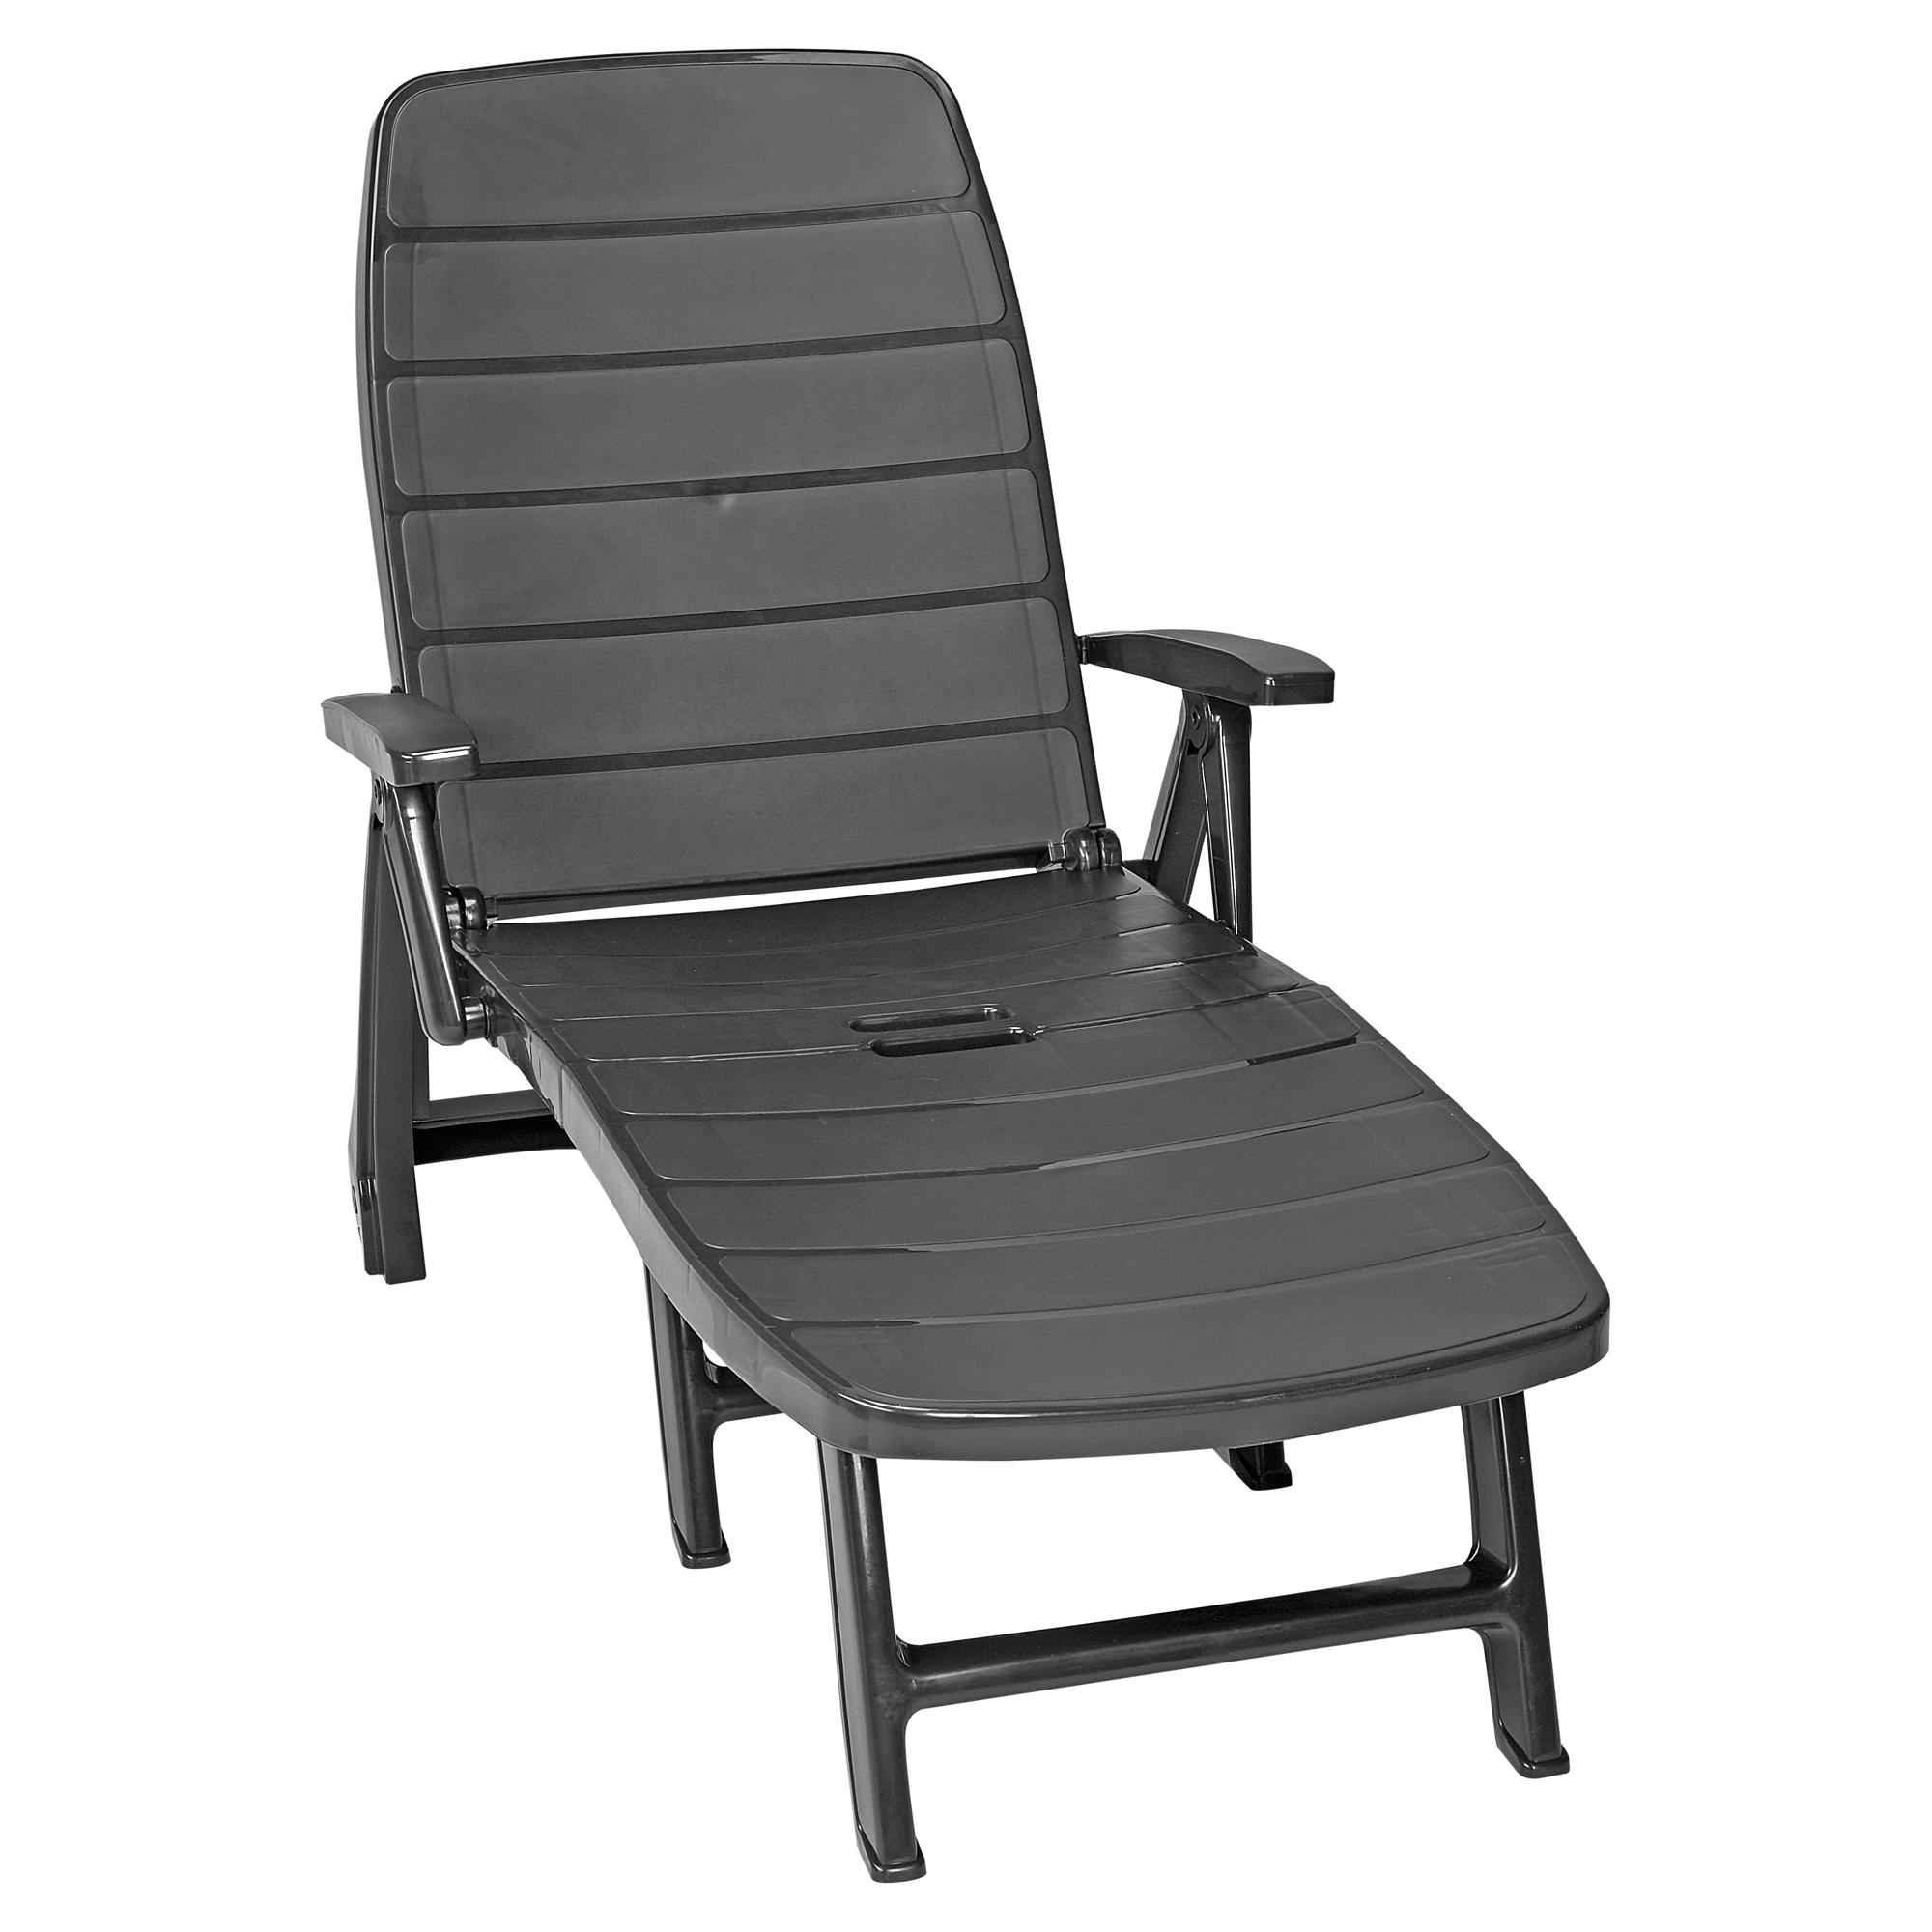 gartenliege kunststoff trendy clp sonnenliege pacific liegeflche mit rdern stapelbar with. Black Bedroom Furniture Sets. Home Design Ideas